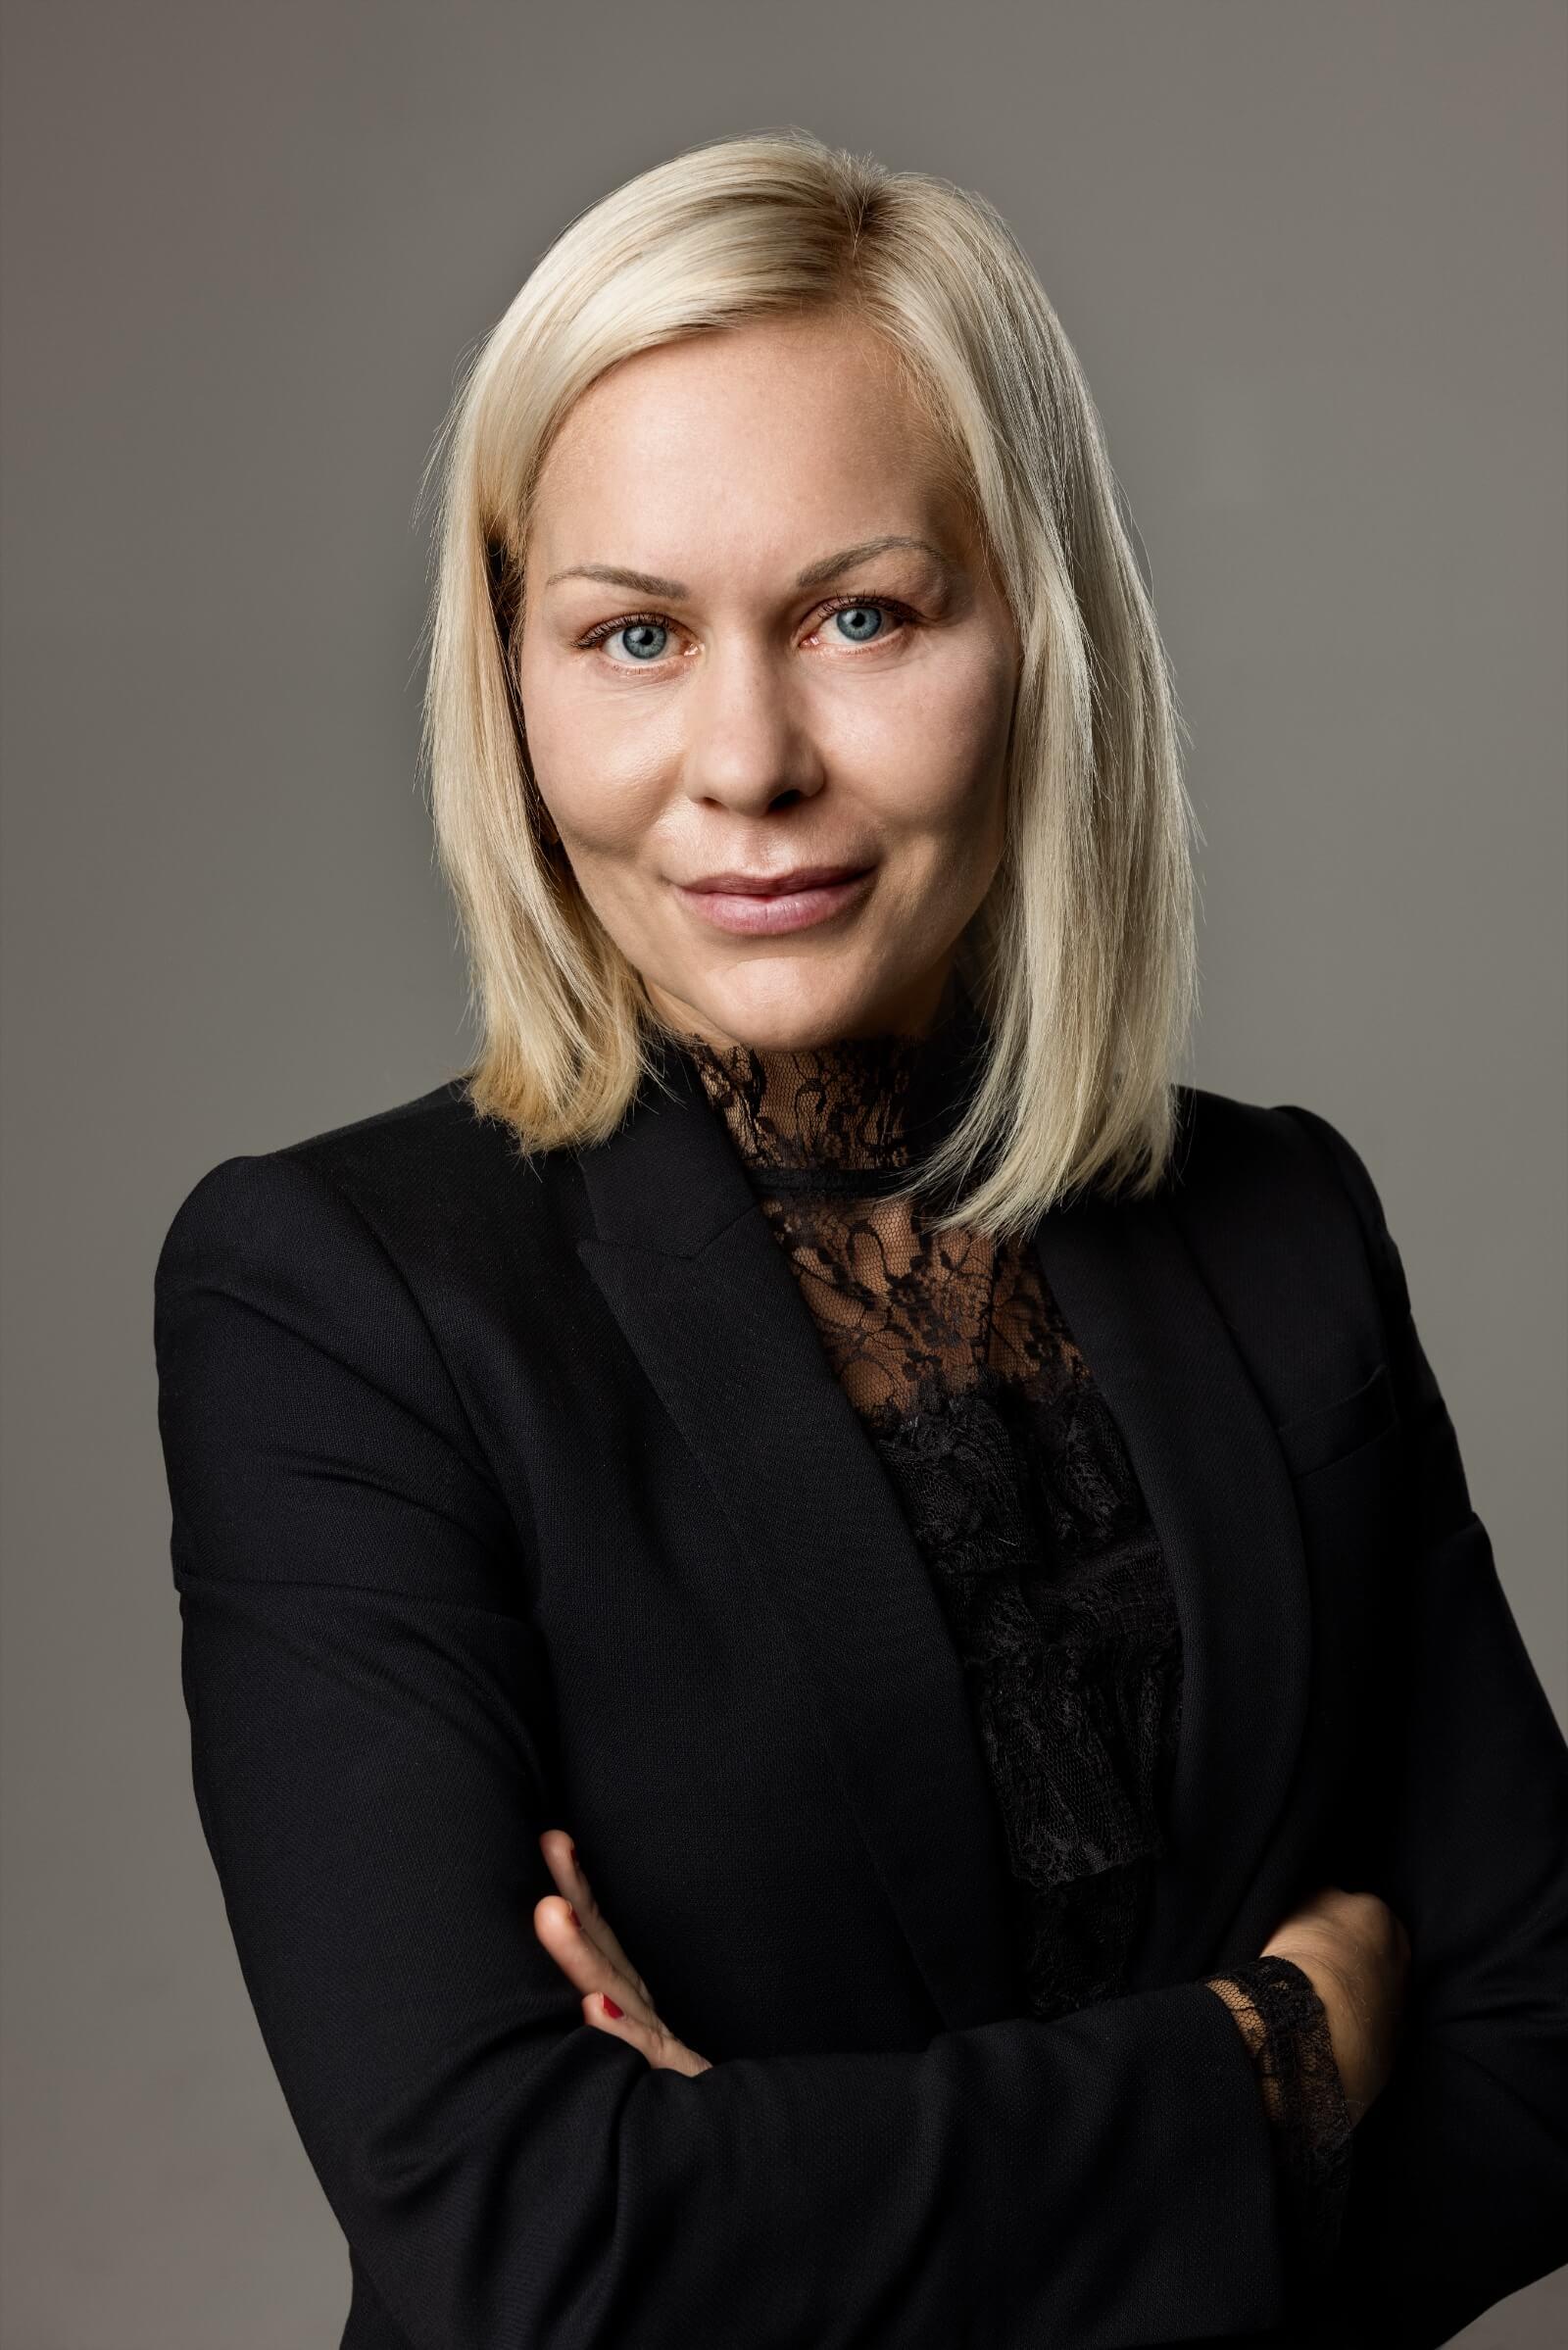 Marianne Kellerman